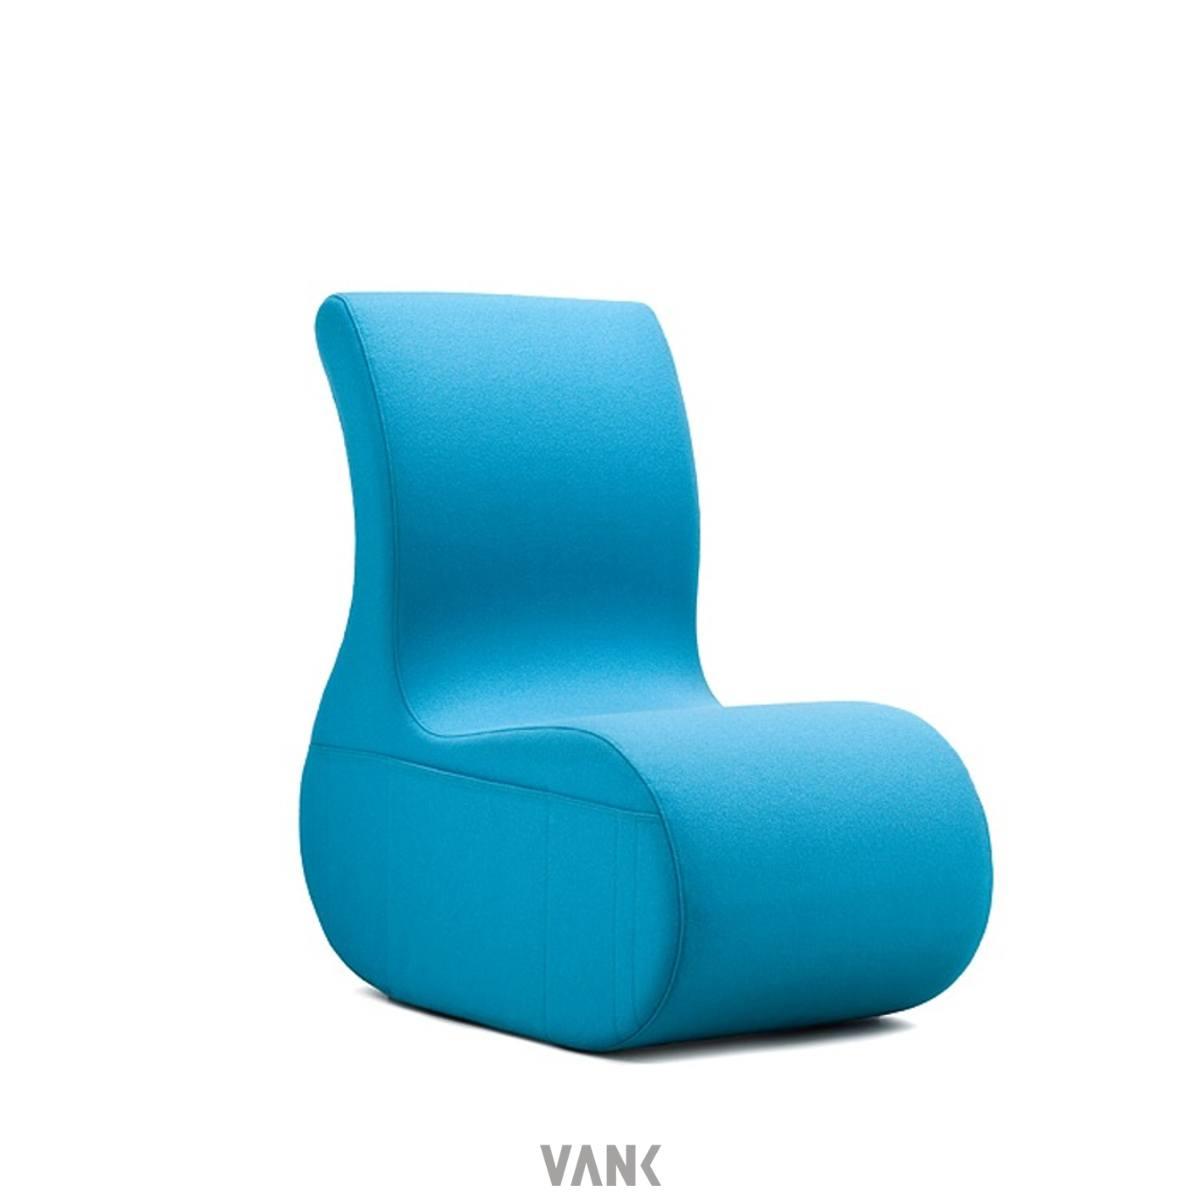 VANK-siti (1)